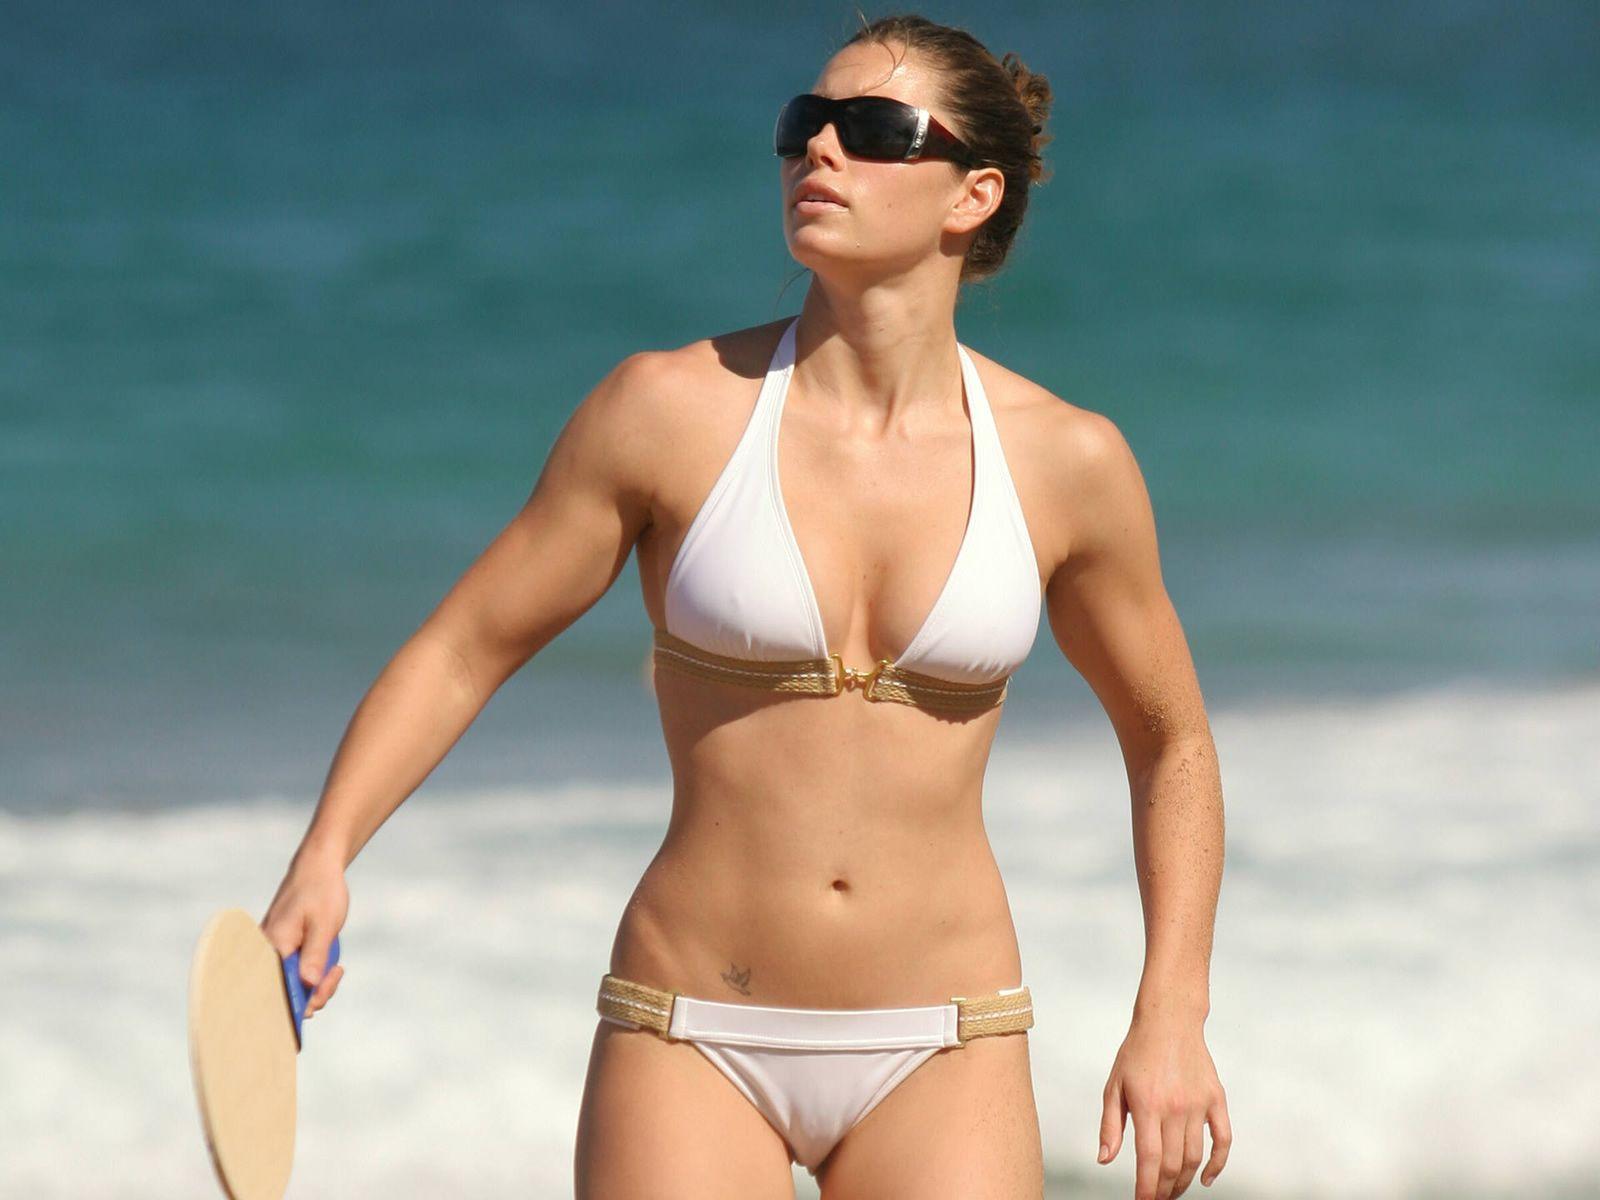 Jessica Biel S Nipples